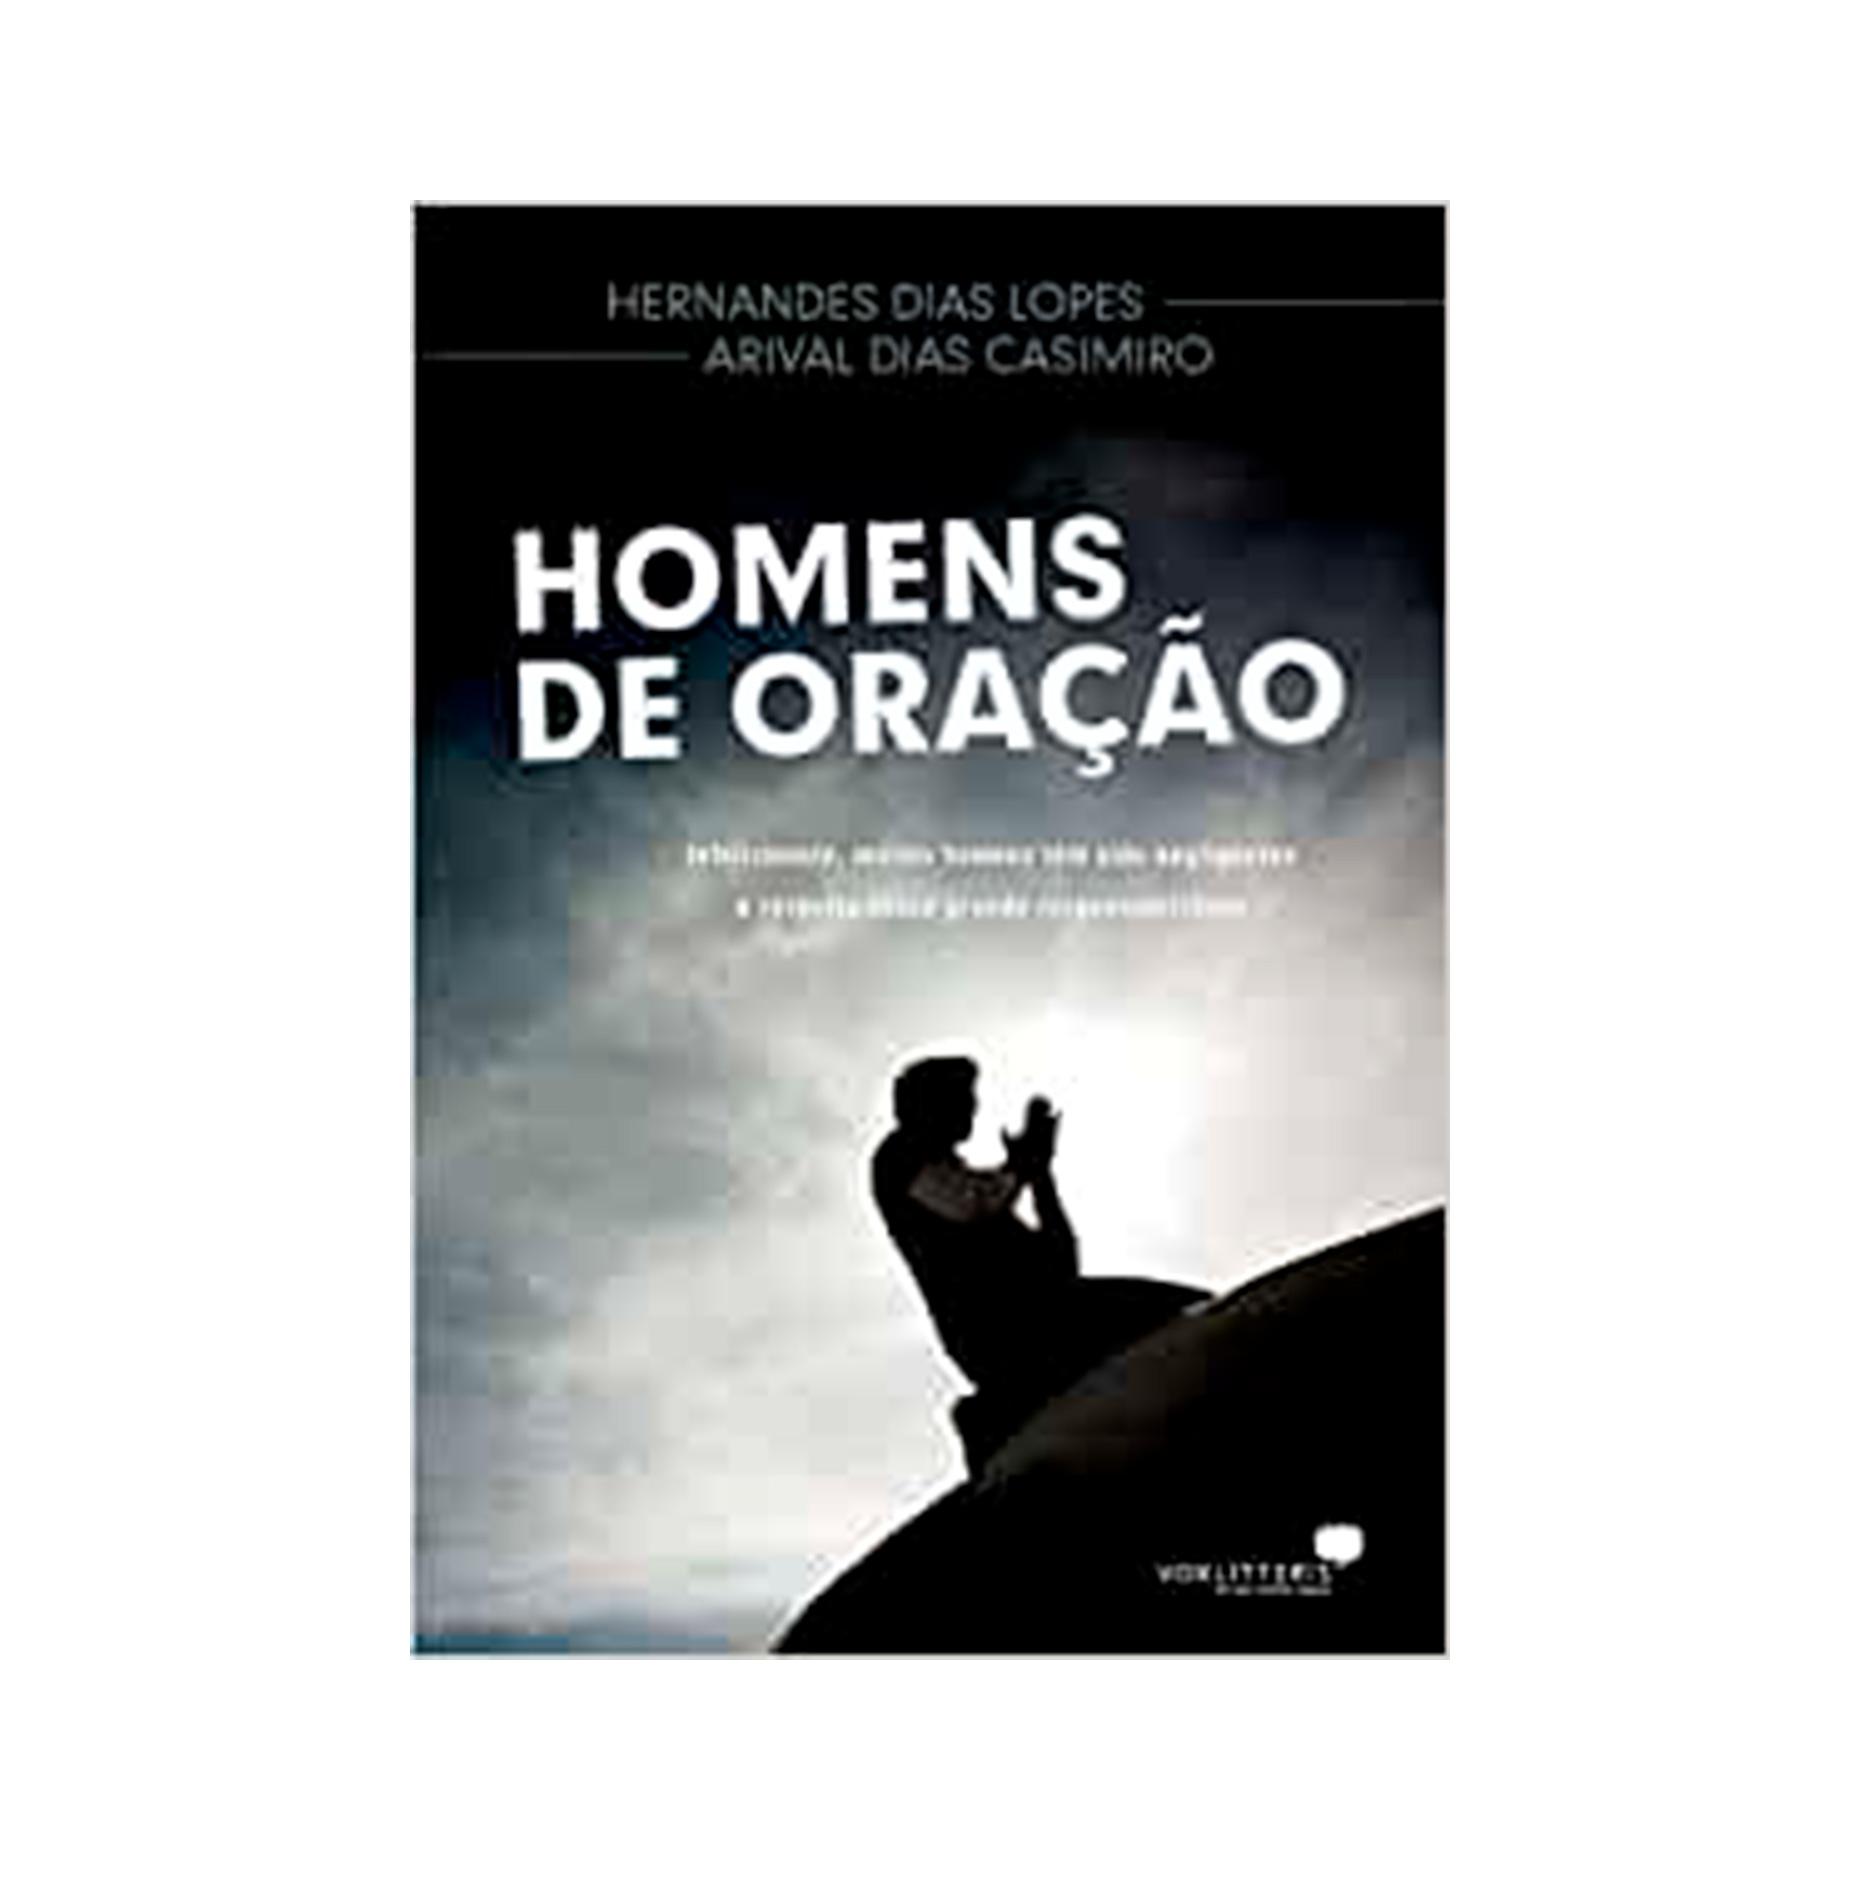 LIVRO- HOMENS DE ORACAO - HAGNOS  - Loja Amo Família